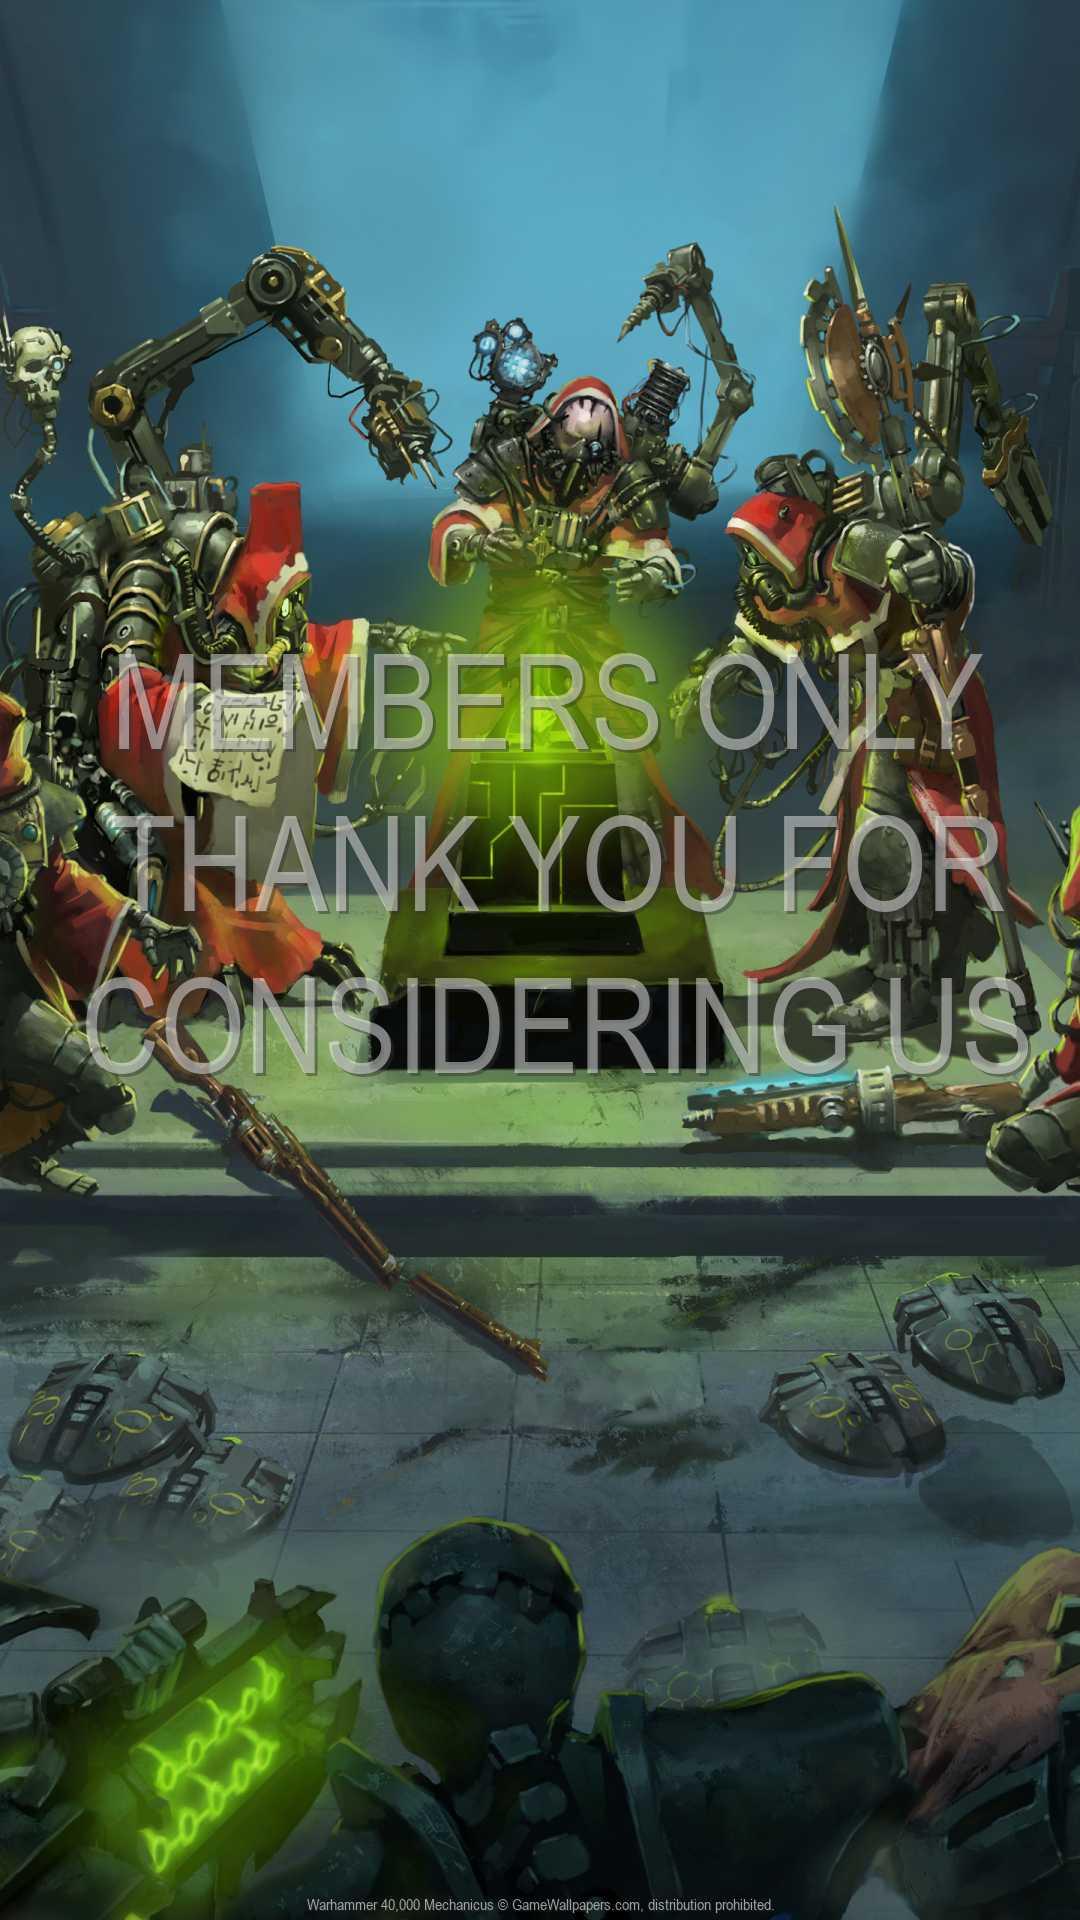 Warhammer 40,000: Mechanicus 1080p Vertical Handy Hintergrundbild 01